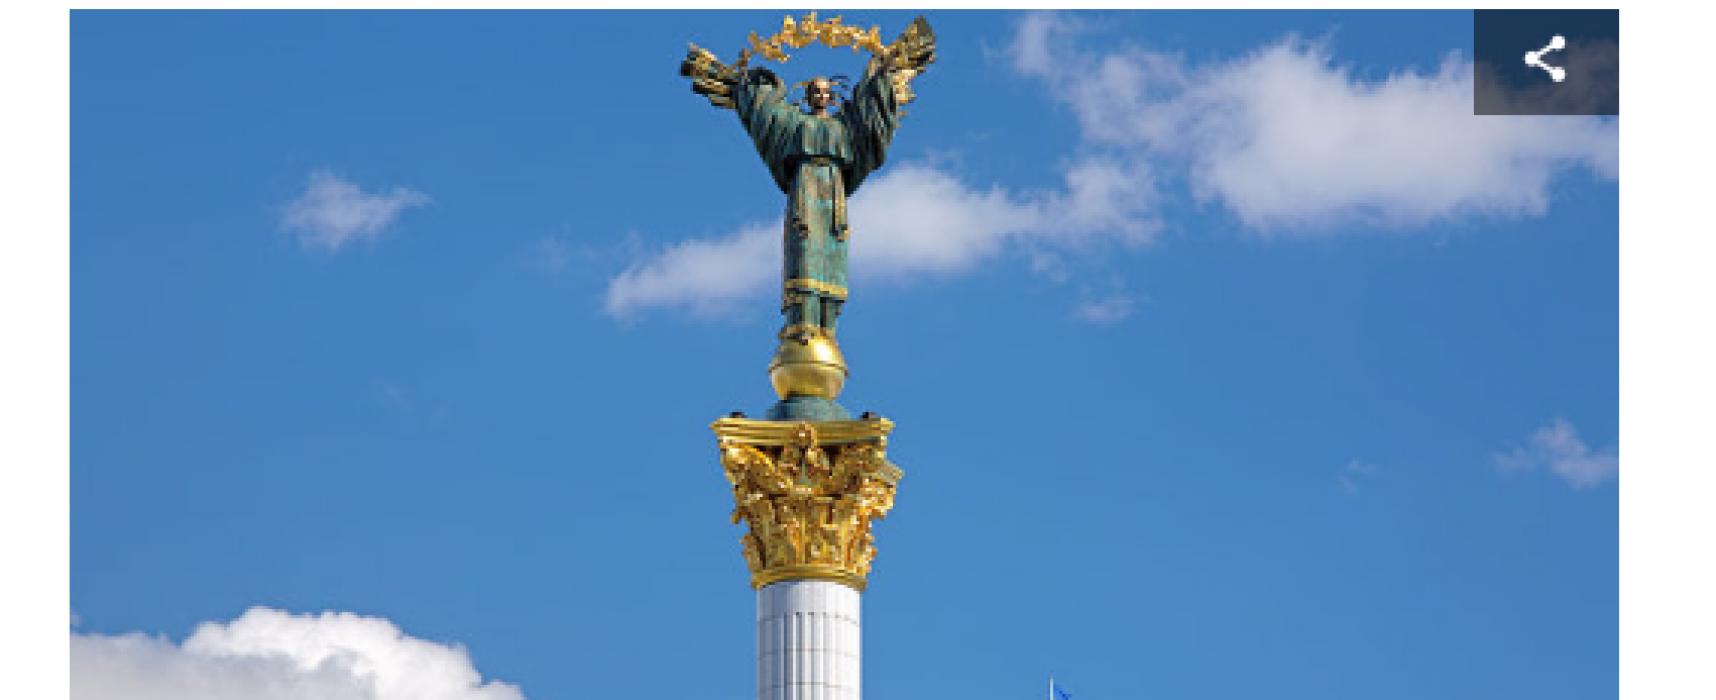 Фейк: Украинской независимости не существует,  за 26 лет — никаких достижений